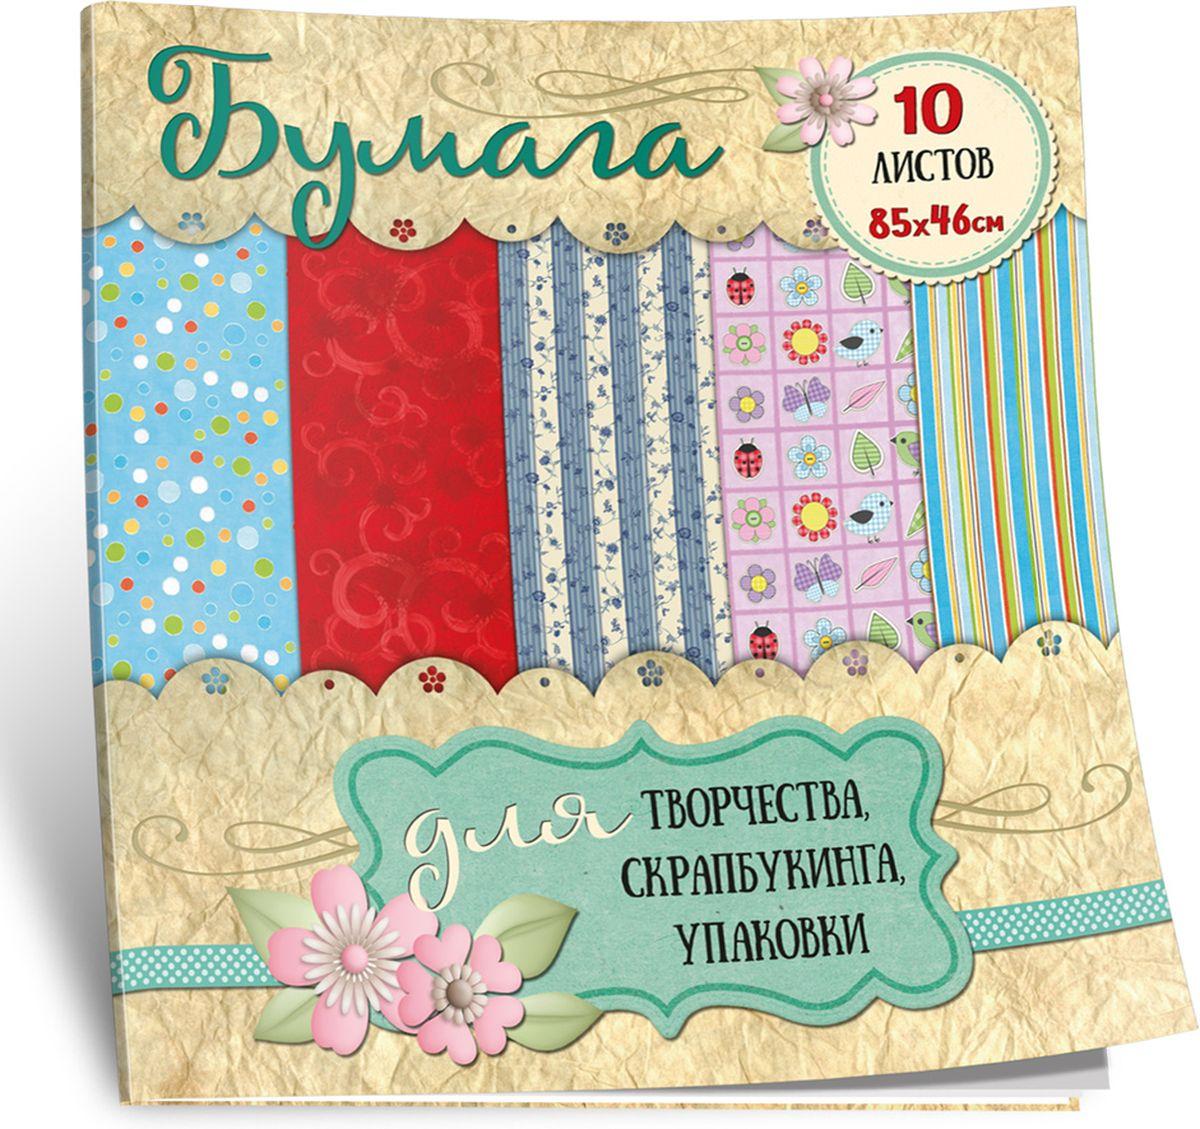 Набор для декорирования и творчества, состоит из 10 листов плотной бумаги разного дизайна  размером 46 х 85 см в несколько сложений (5 видов орнаментов, по 2 листа каждого). Эта  высококачественная бумага идеально подойдет упаковки подарков, скрапбукинга, изготовления  аппликаций, оригами и прочих творческих проектов. Придумывайте, творите, дарите с любовью!